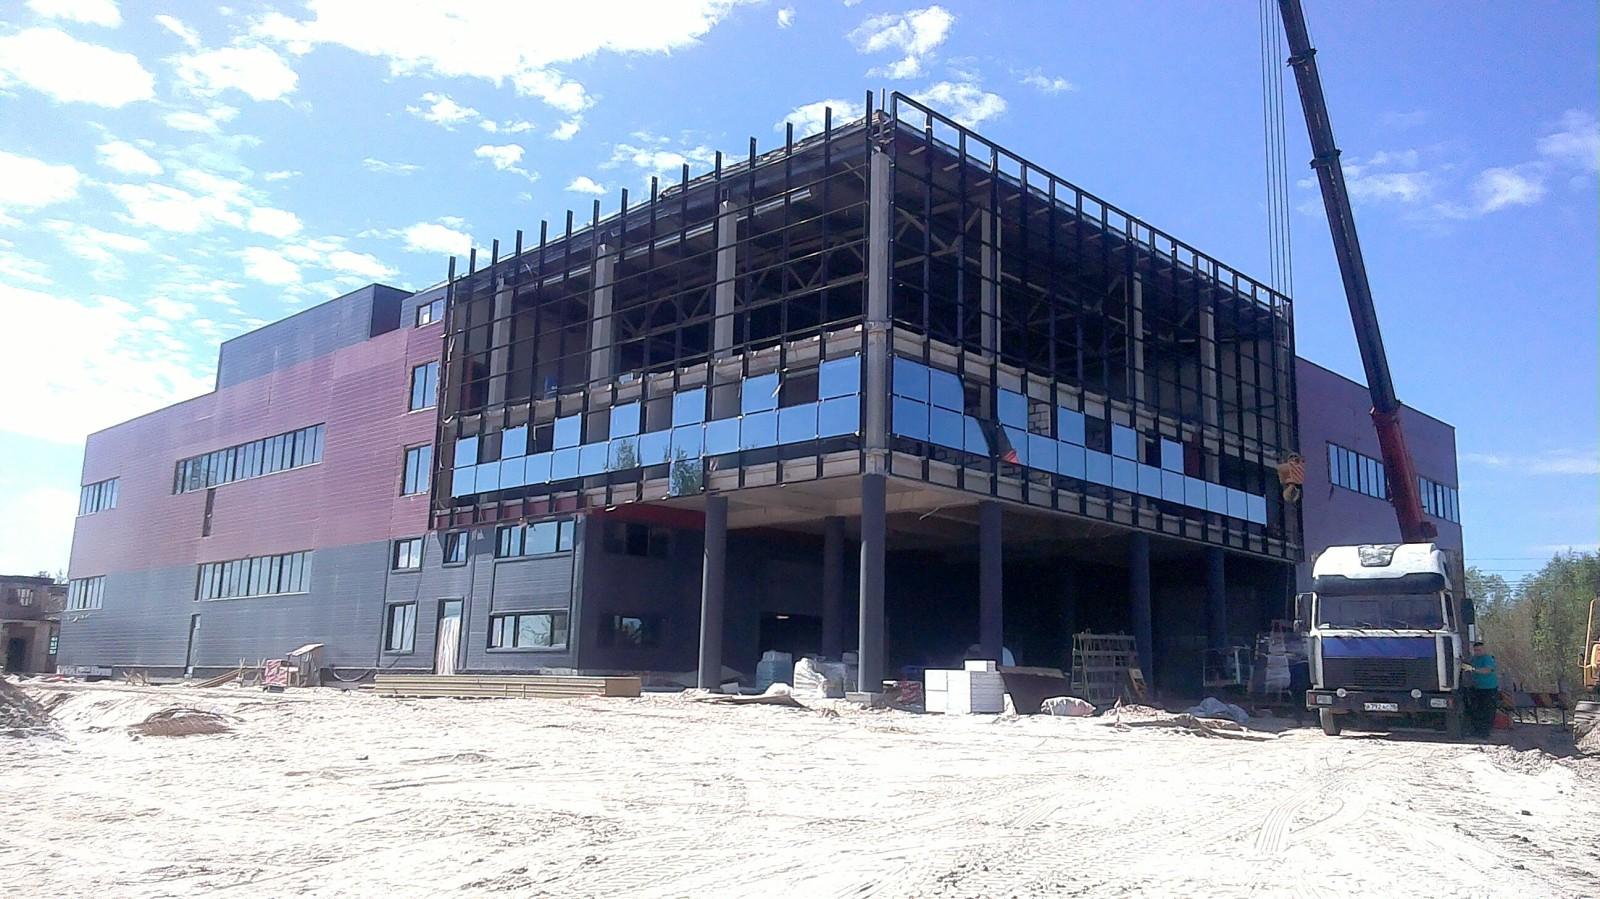 Строительная компания ищет заказчика на строительство складского комплекса строительная компания зенит в Ижевске